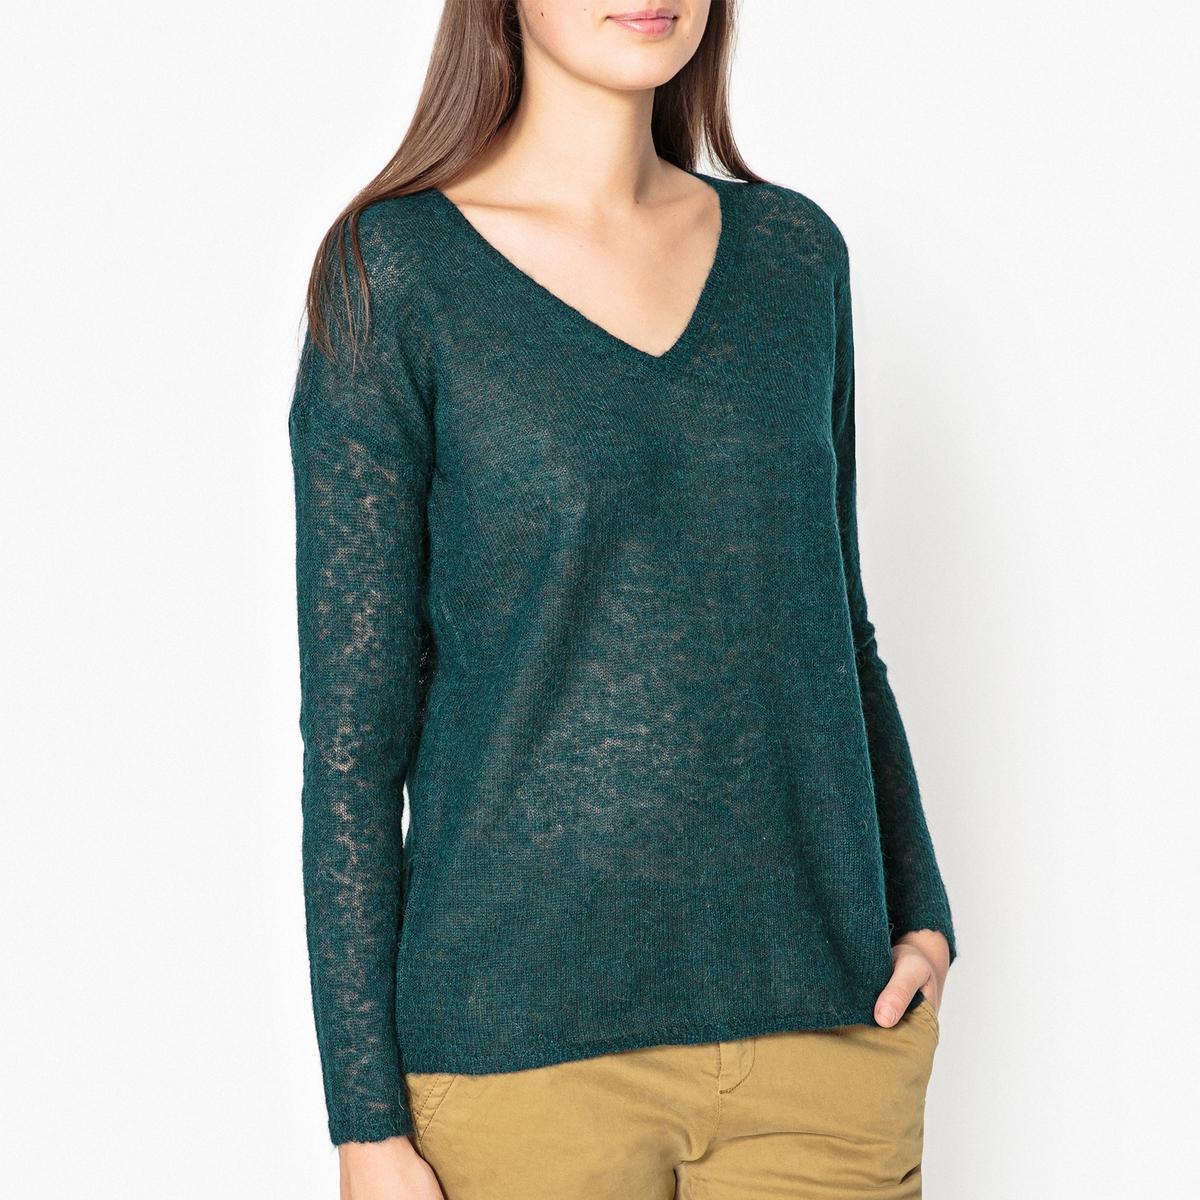 Пуловер из тонкого трикотажа с V-образным вырезом MANANAПуловер с длинными рукавами и V-образным вырезом HARRIS WILSON - модель MANANA.Детали •  Длинные рукава •   V-образный вырез •  Тонкий трикотаж Состав и уход •  55% альпаки, 45% полиамида •  Следуйте советам по уходу, указанным на этикетке<br><br>Цвет: зеленый,кирпичный<br>Размер: L.M